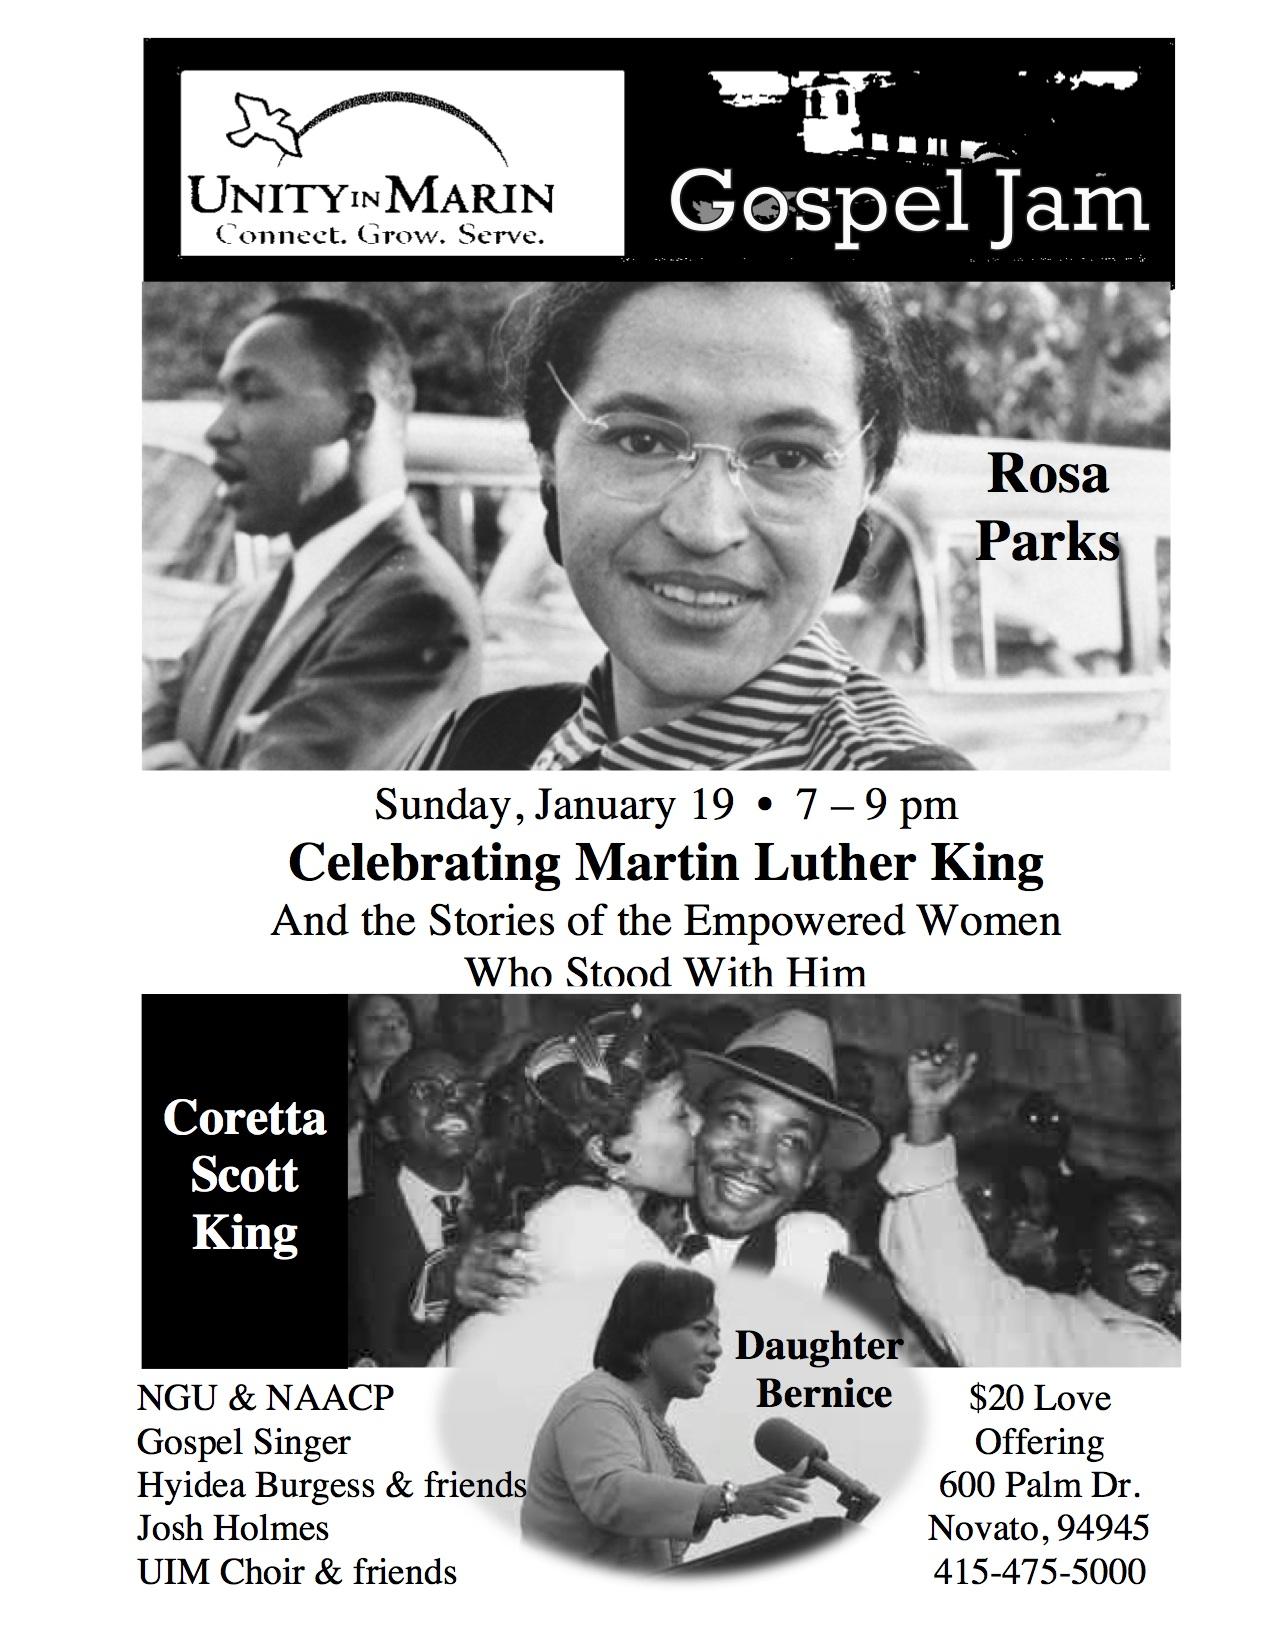 MLKing Day